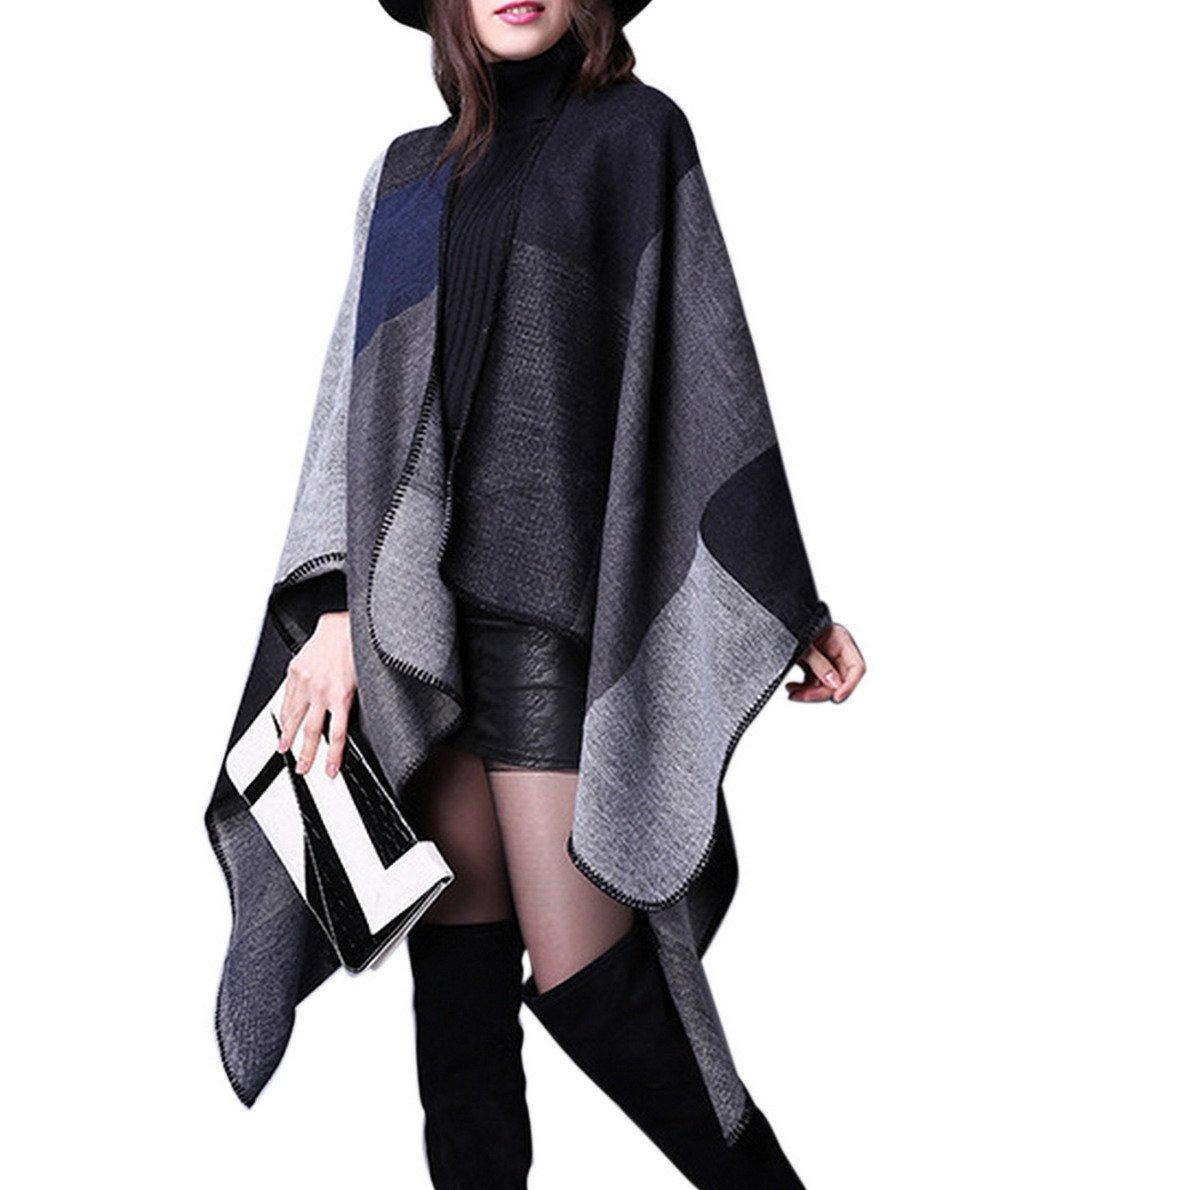 Aivtalk Poncho de Mujer Suave para Invierno Entretiempo C/árdigan de Punto Capa de Tama/ño Grande Elegante Calentito Dise/ño Simple 135 x 155 CM